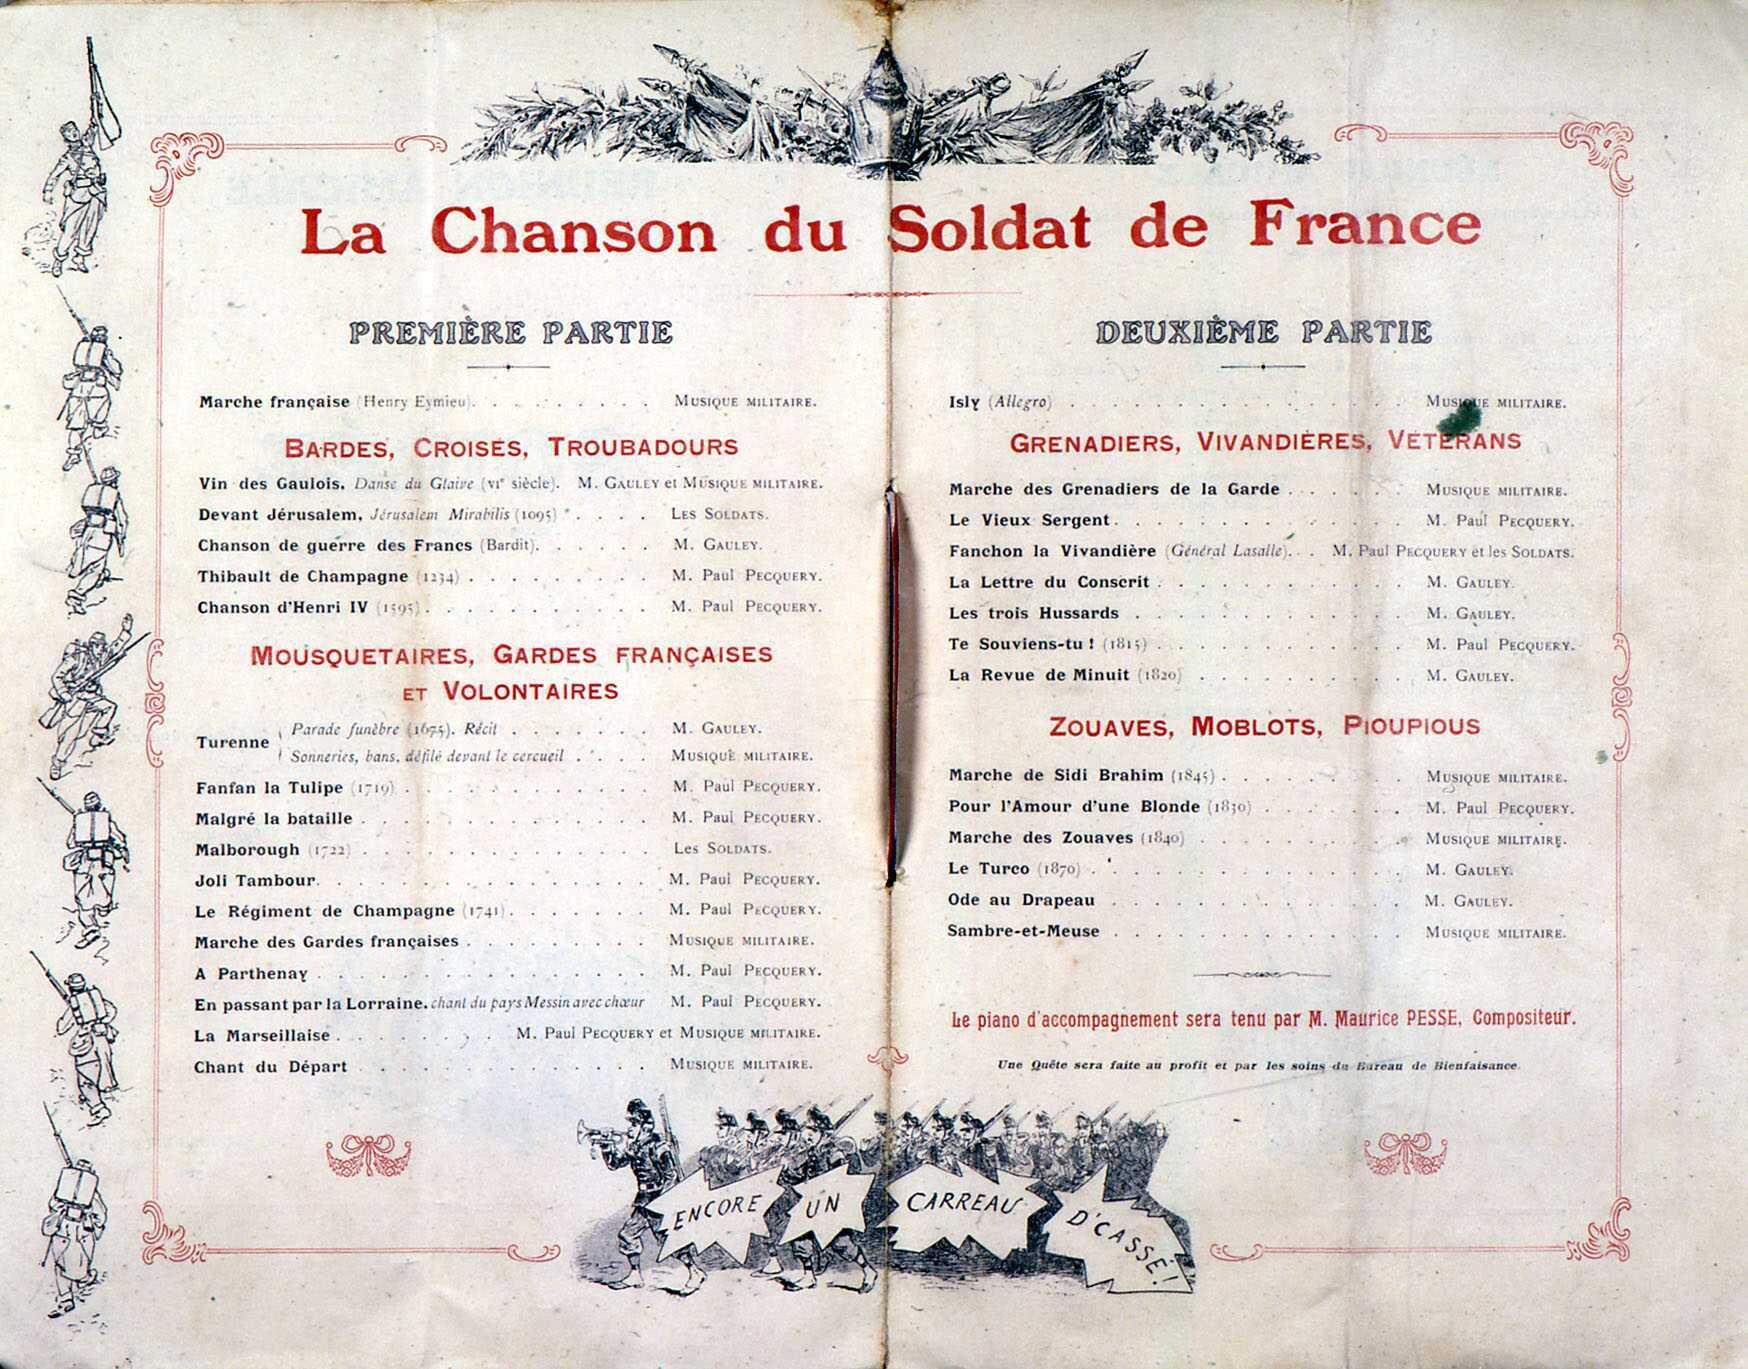 La chanson du Soldat de France